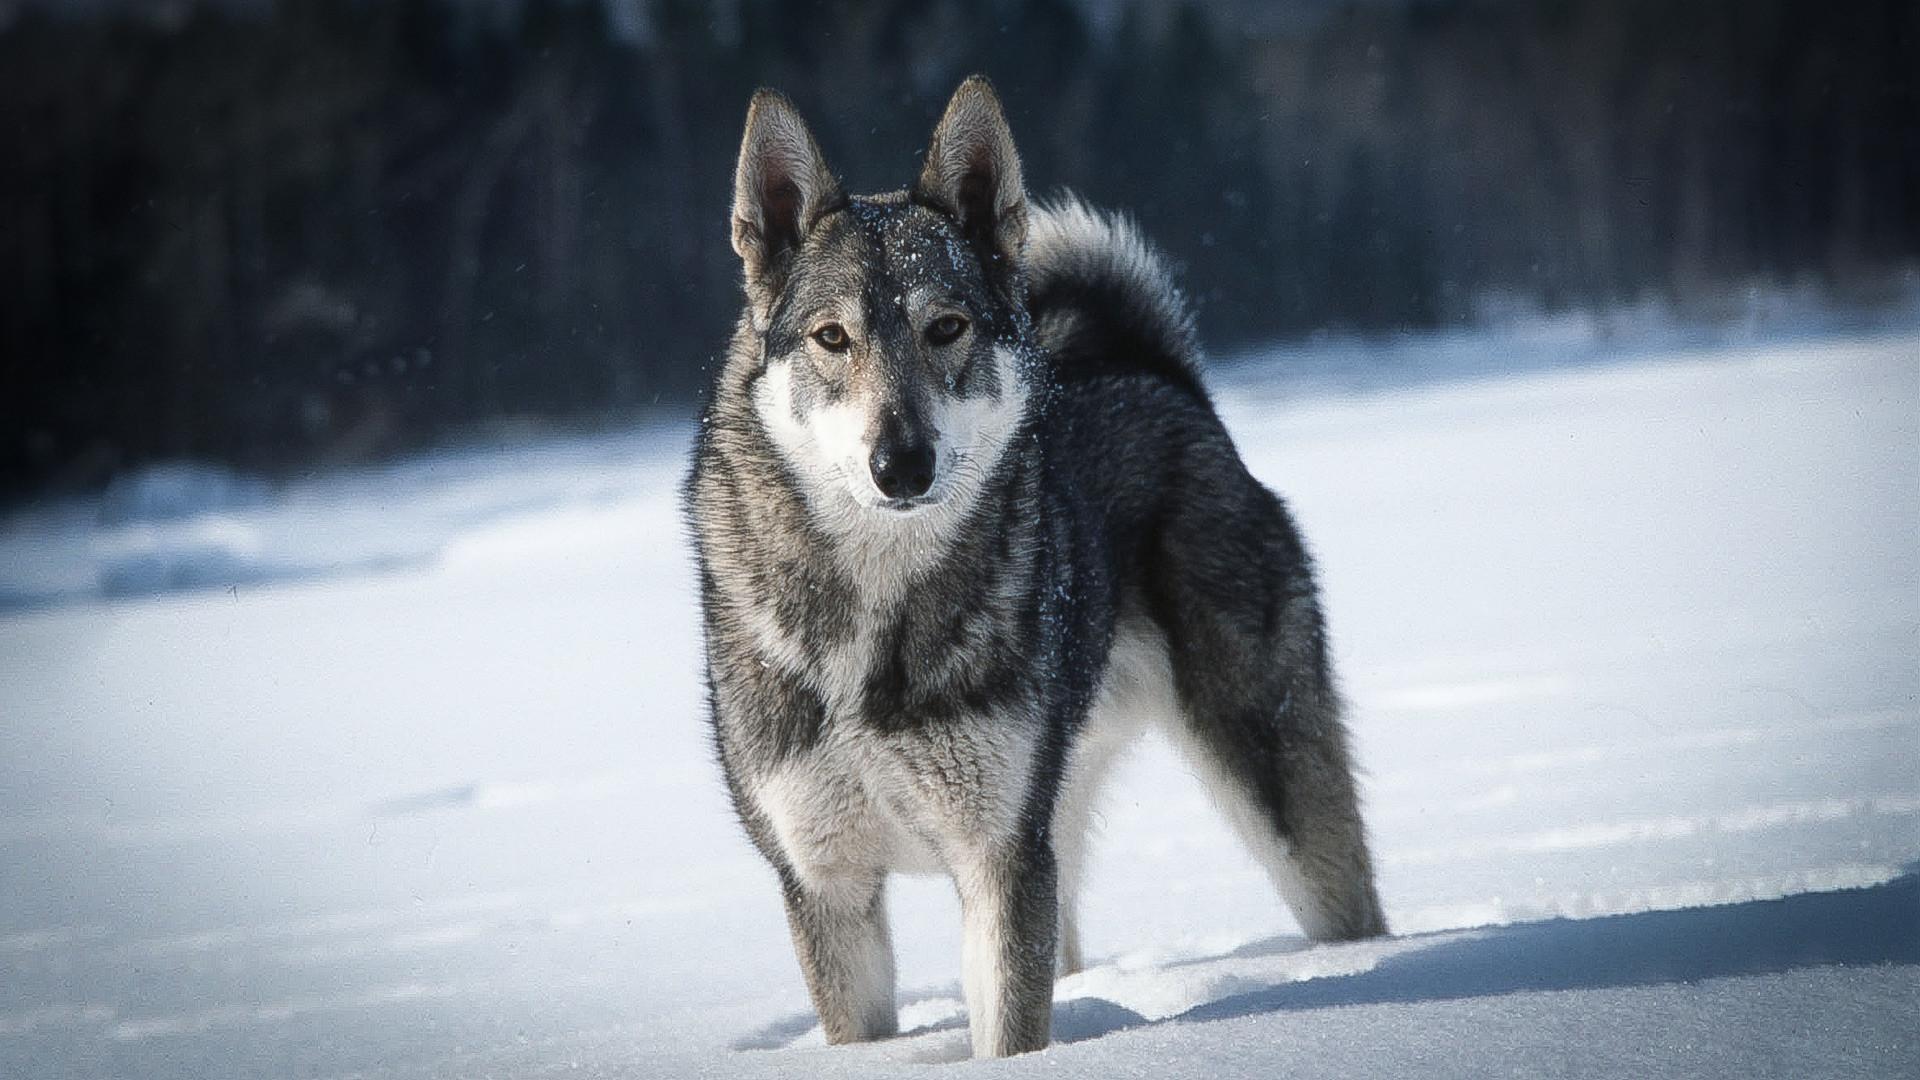 Алтајски крај. Квалитетна лајка во ловот е поважна од оружјето, сметаат профеционалнните ловци. Лајката е најдобро куче за сибирските климатски услови. На фотографијата: лајката Бич.